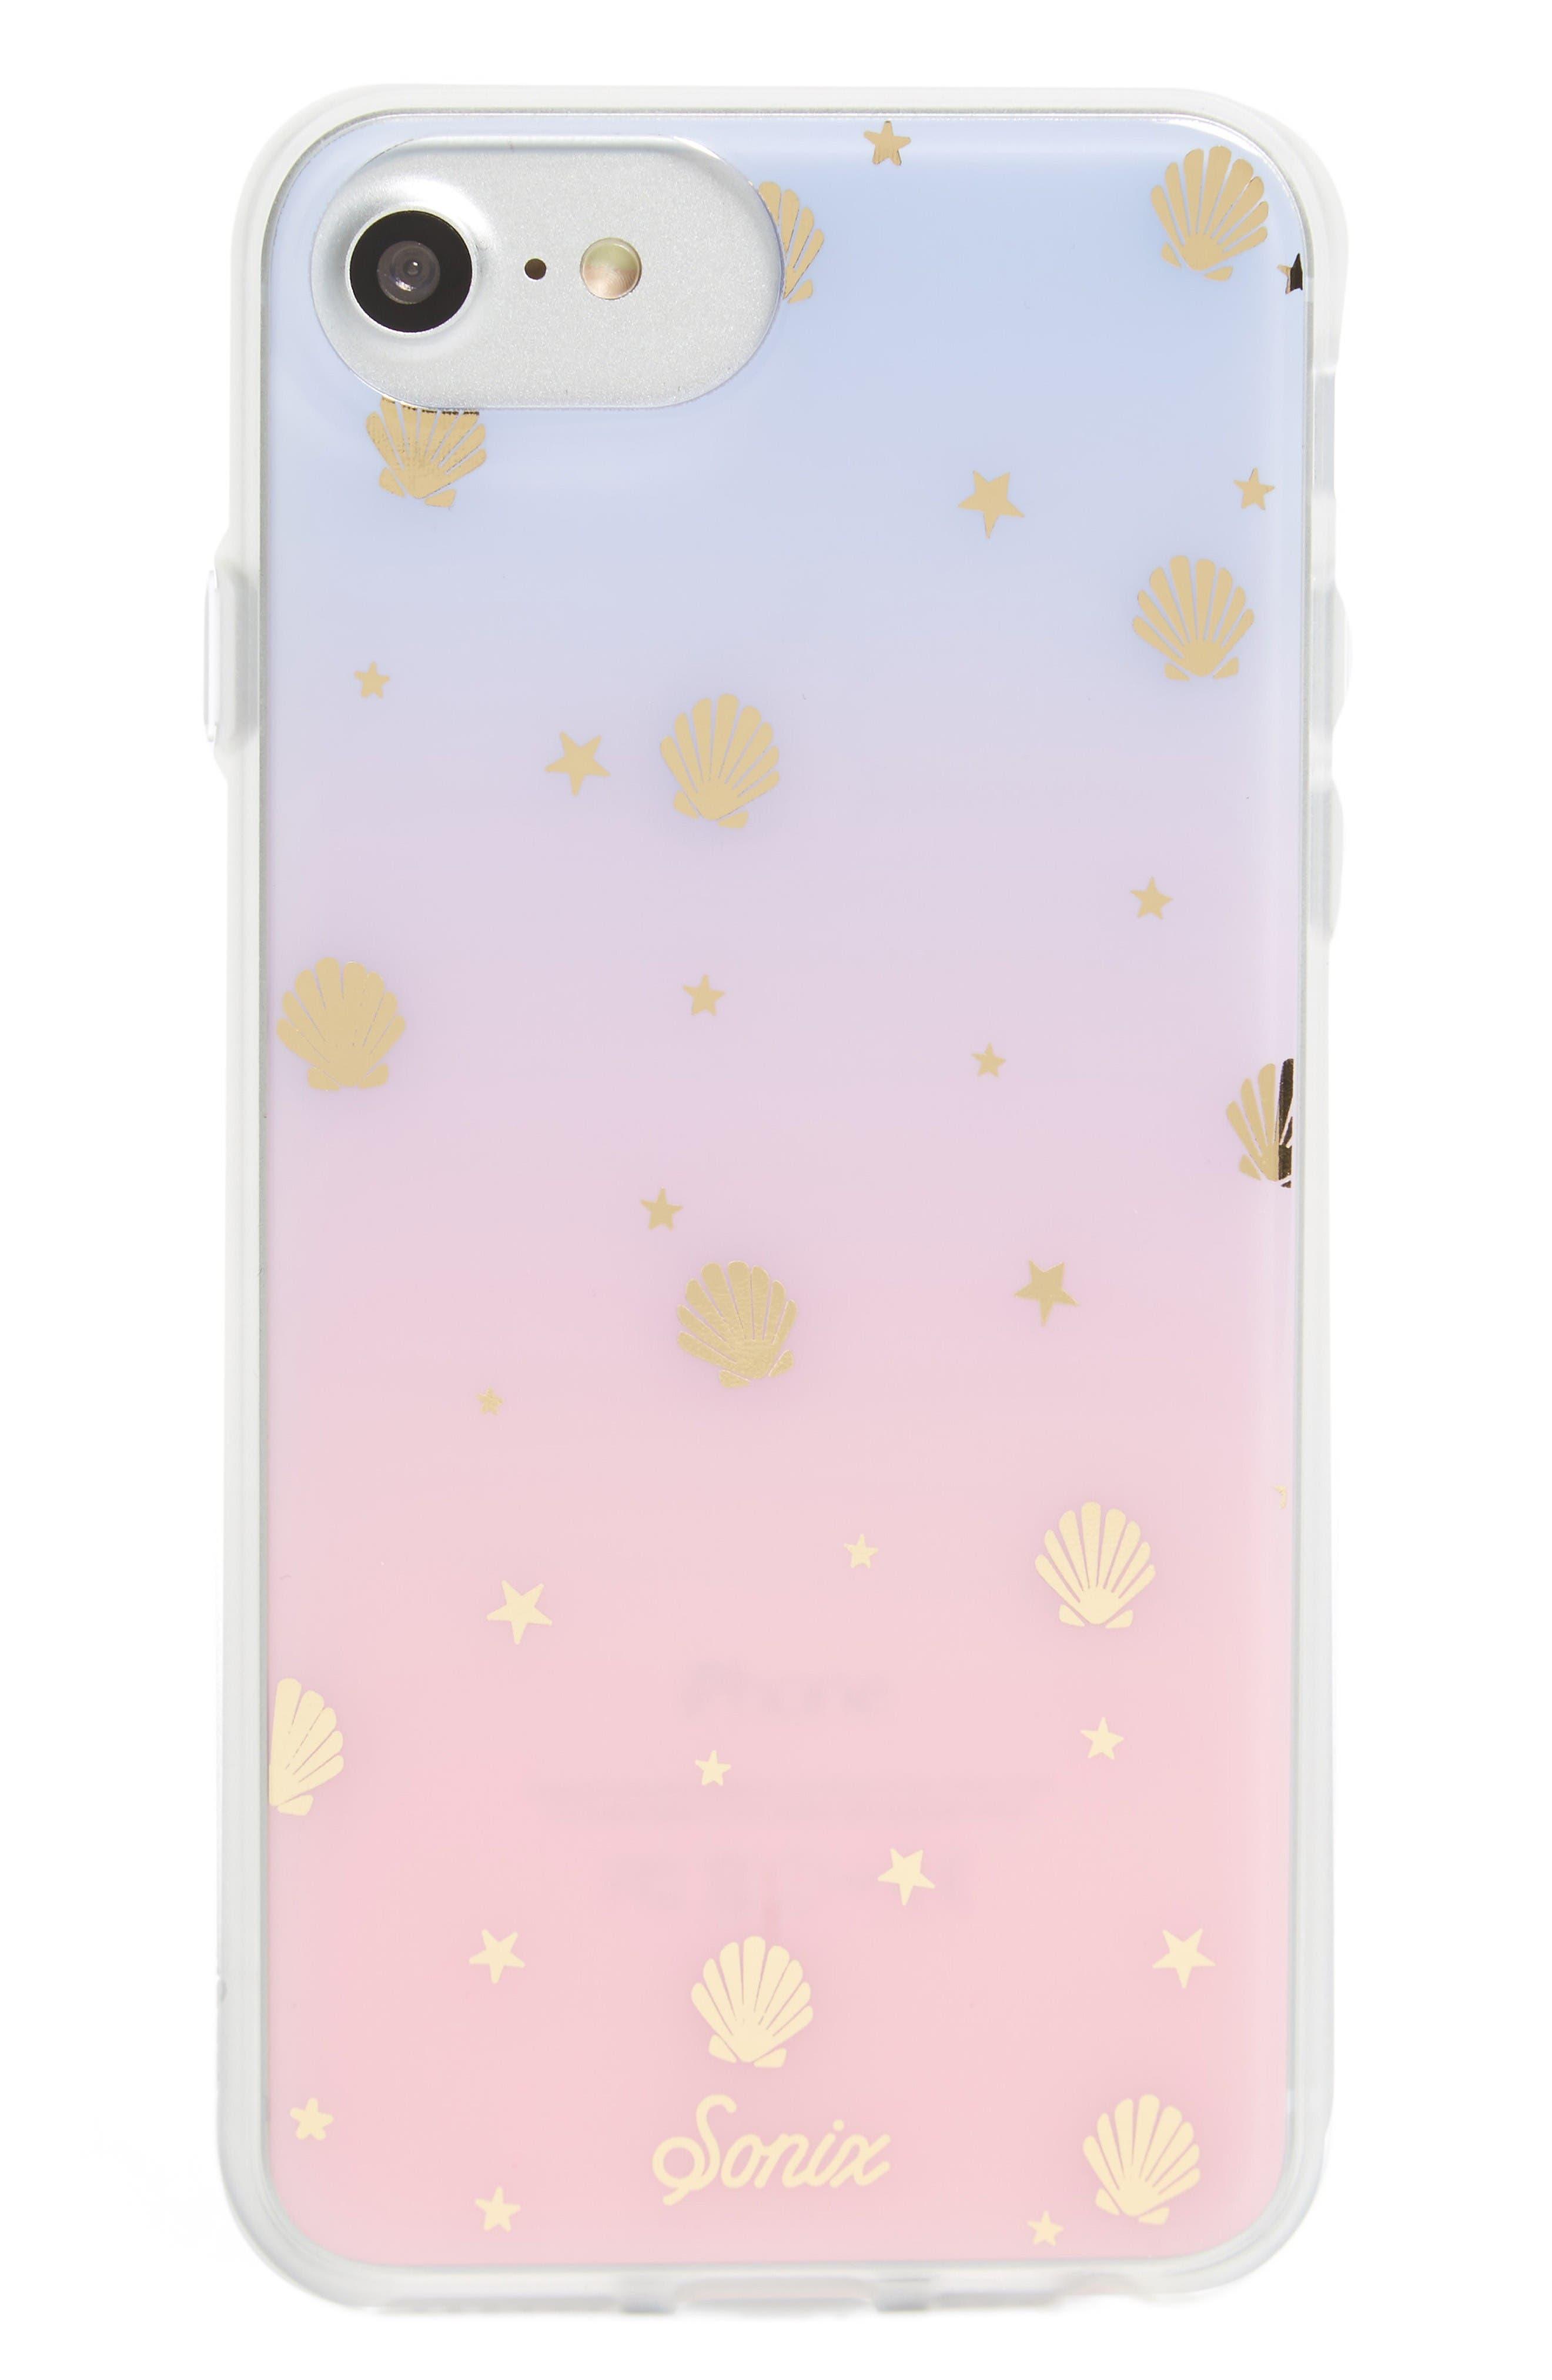 Main Image - Sonix Mermaid Dream iPhone 6/6s/7/8 & 6/6s/7/8 Plus Case